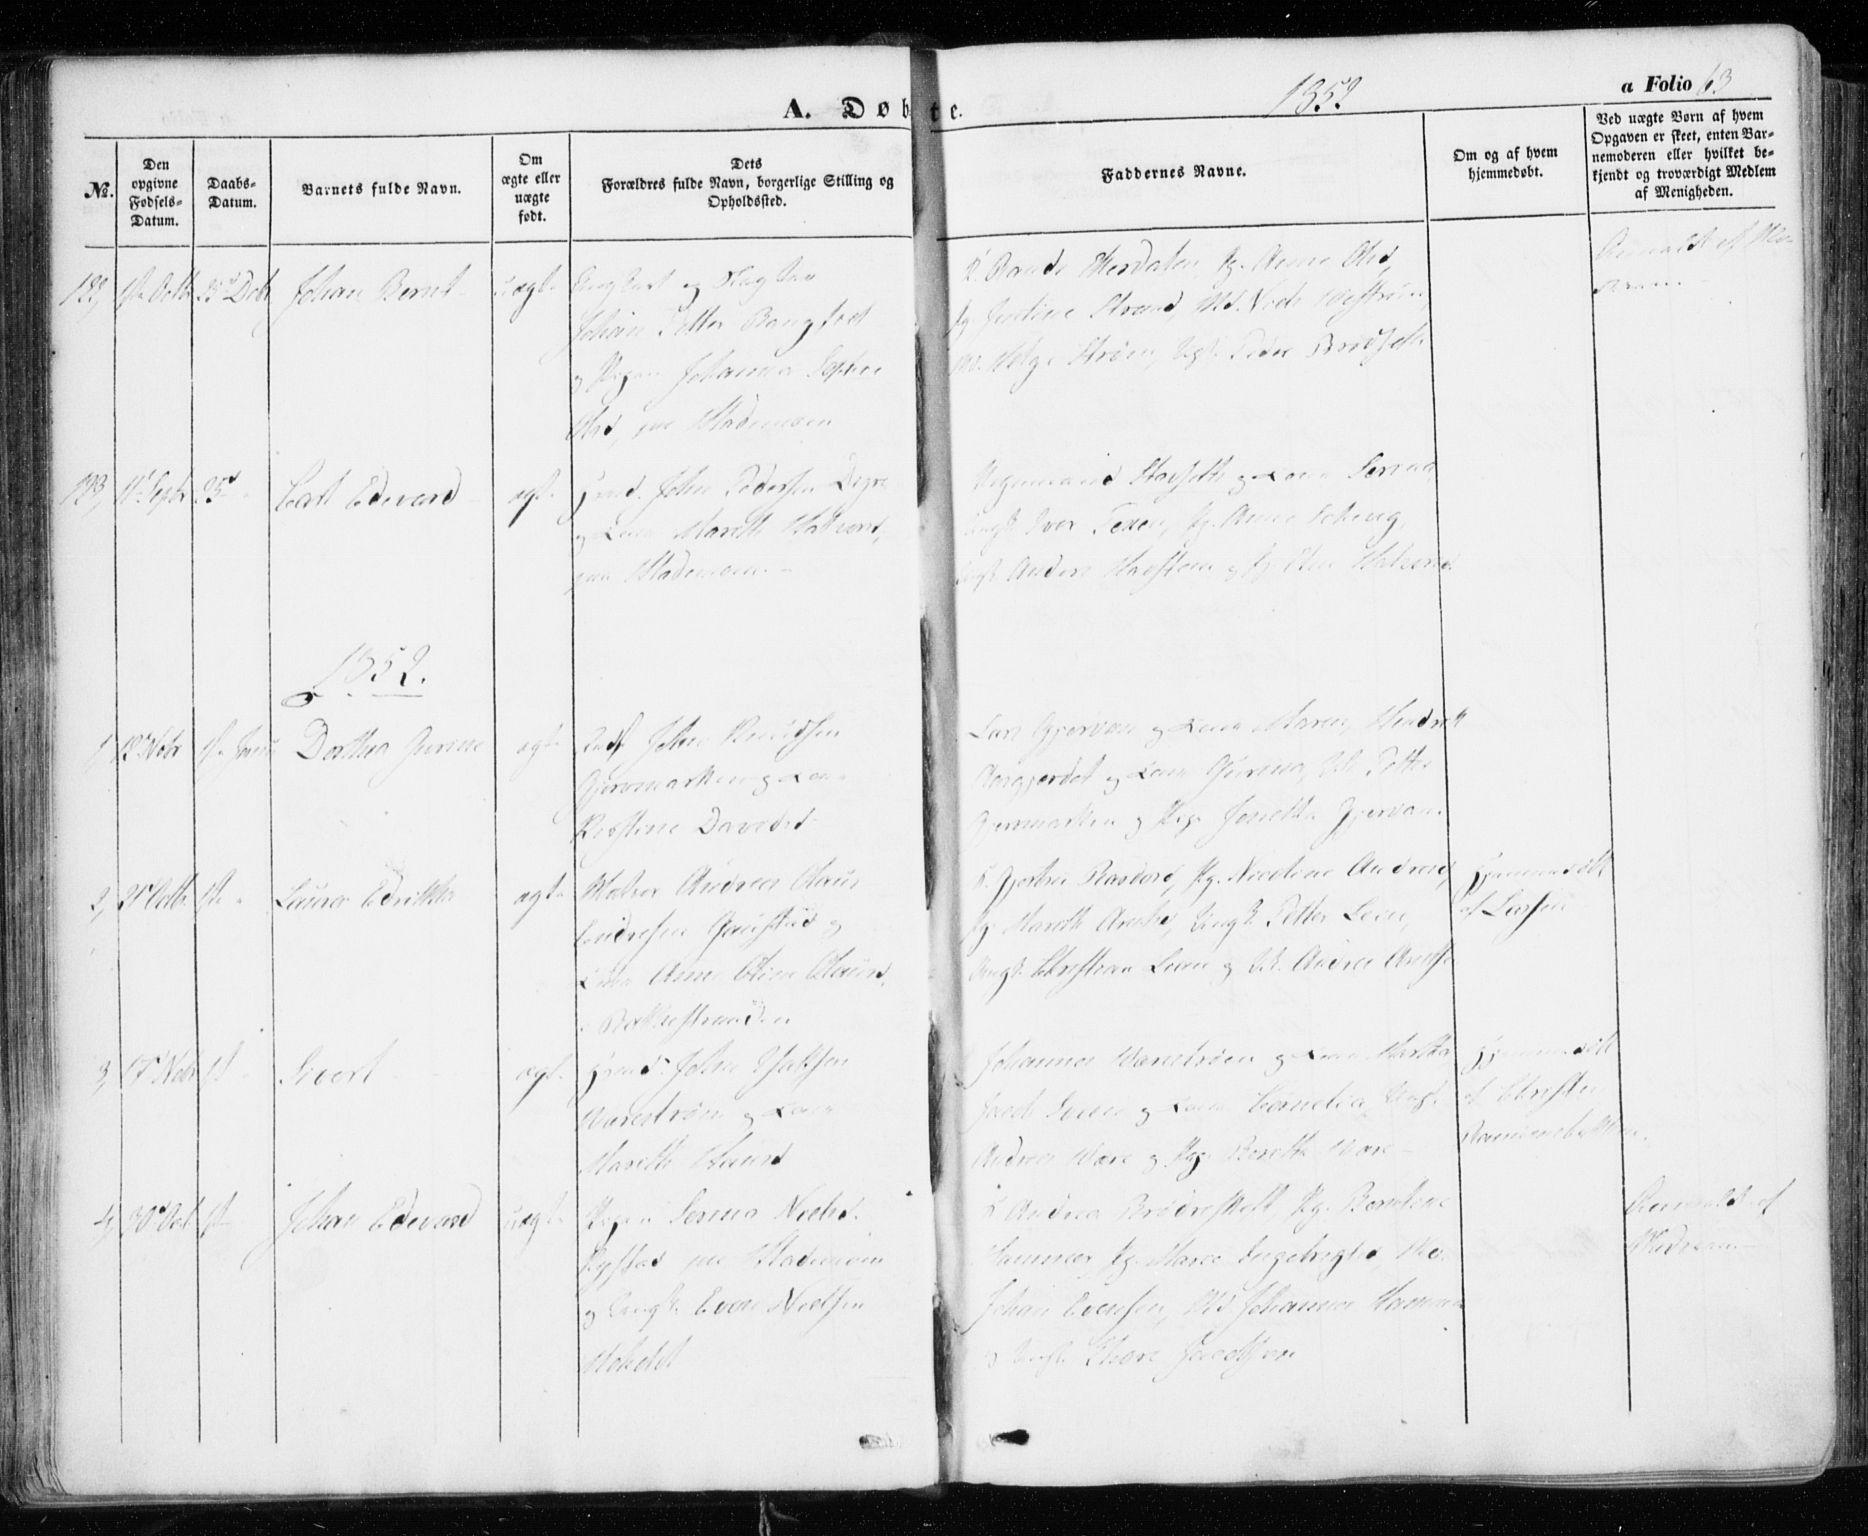 SAT, Ministerialprotokoller, klokkerbøker og fødselsregistre - Sør-Trøndelag, 606/L0291: Ministerialbok nr. 606A06, 1848-1856, s. 63